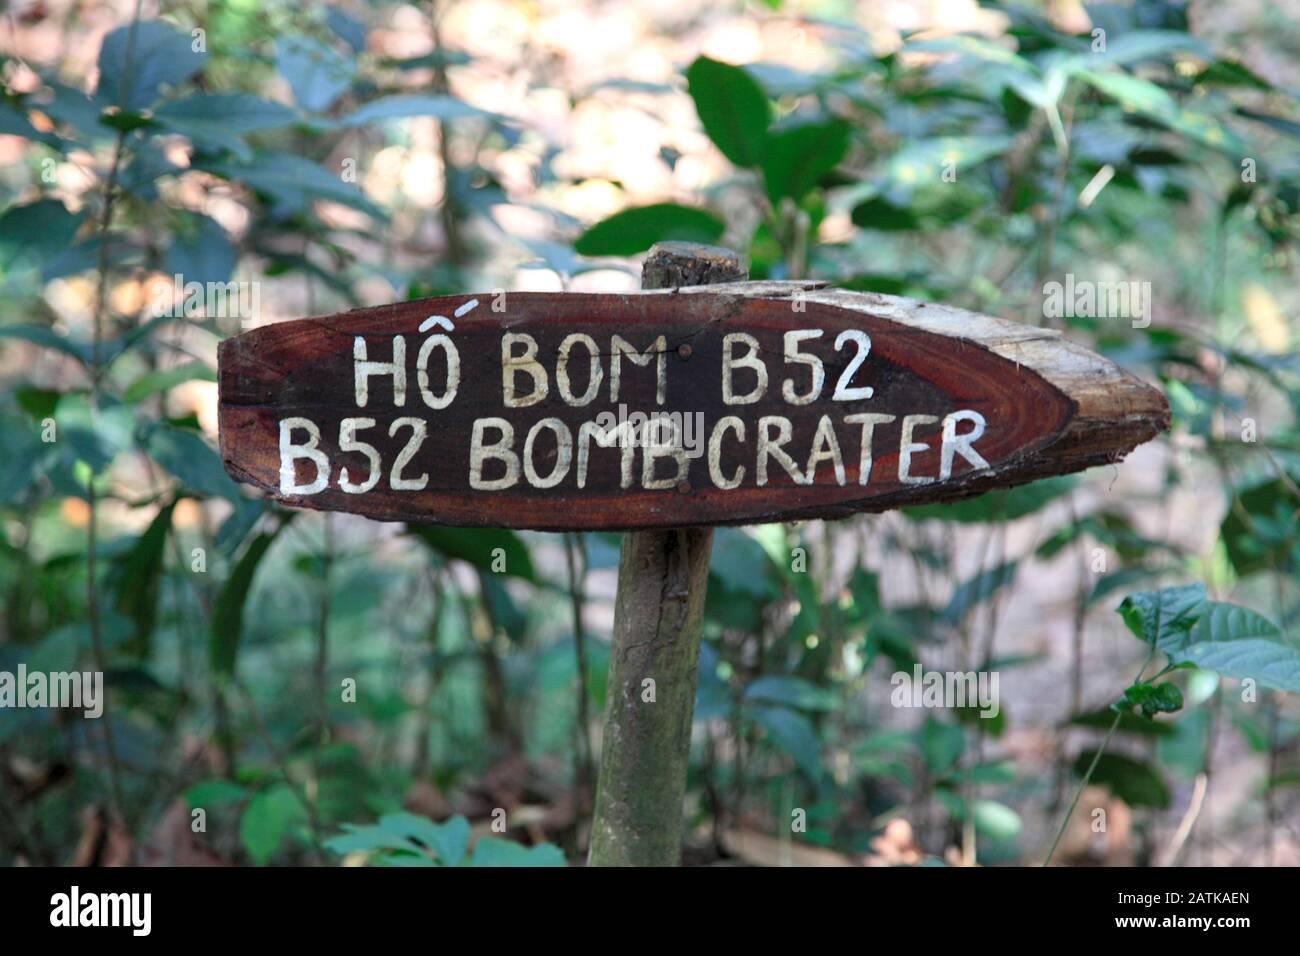 Signe Pour Le Cratère À Bombe De L' Bah52, Les Tunnels De Cu Chi, Ben Dinh, Près De Ho Chi Minh Ville, Saigon, Vietnam, Asie Du Sud-Est, Asie Banque D'Images